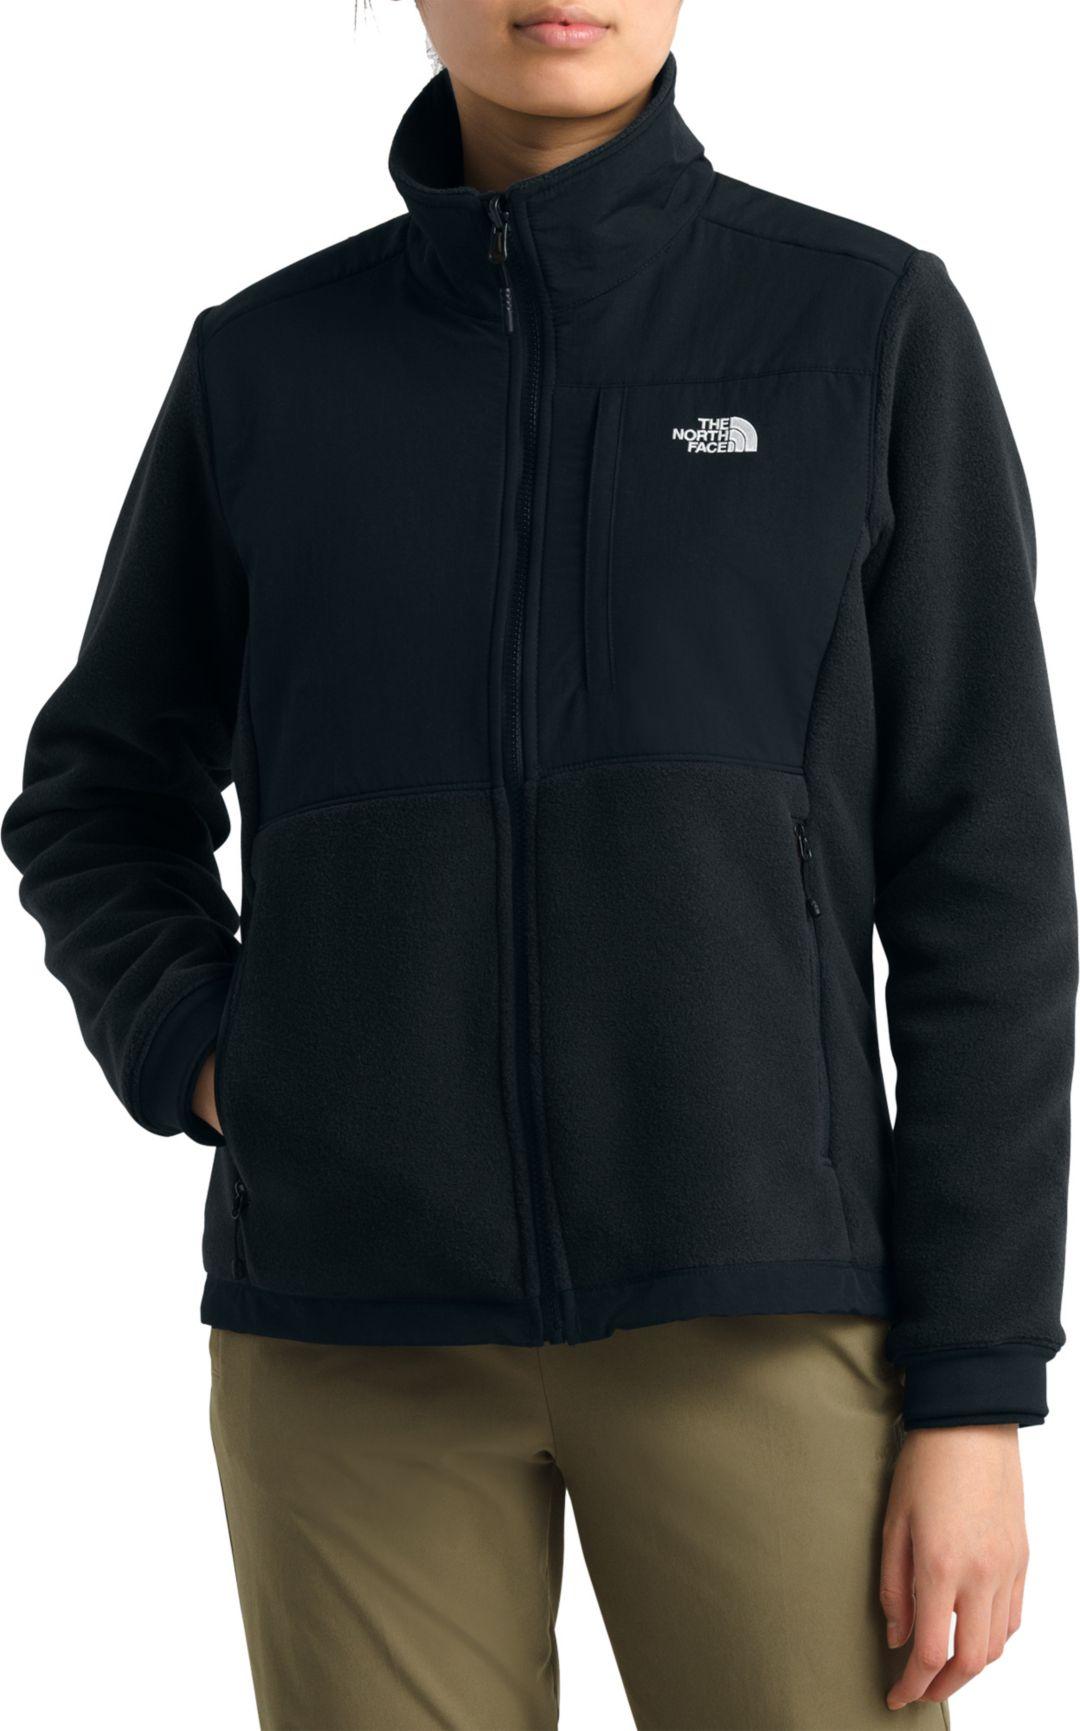 niezawodna jakość przybywa sprzedaż uk The North Face Women's Denali 2 Fleece Jacket